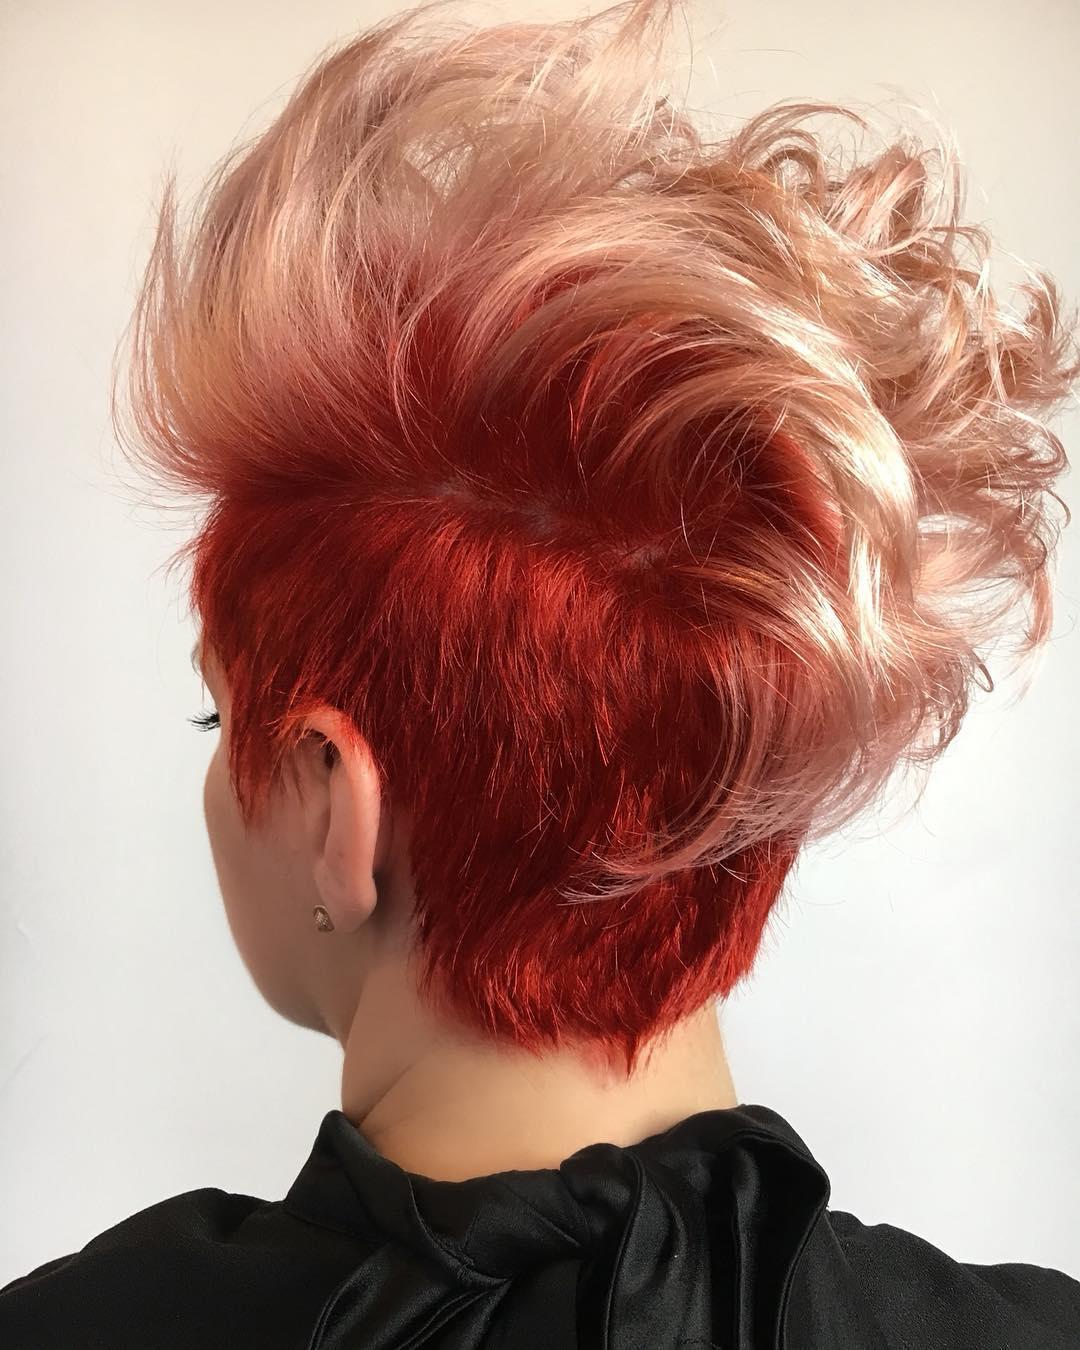 короткие стрижки для рыжих волос фото 8